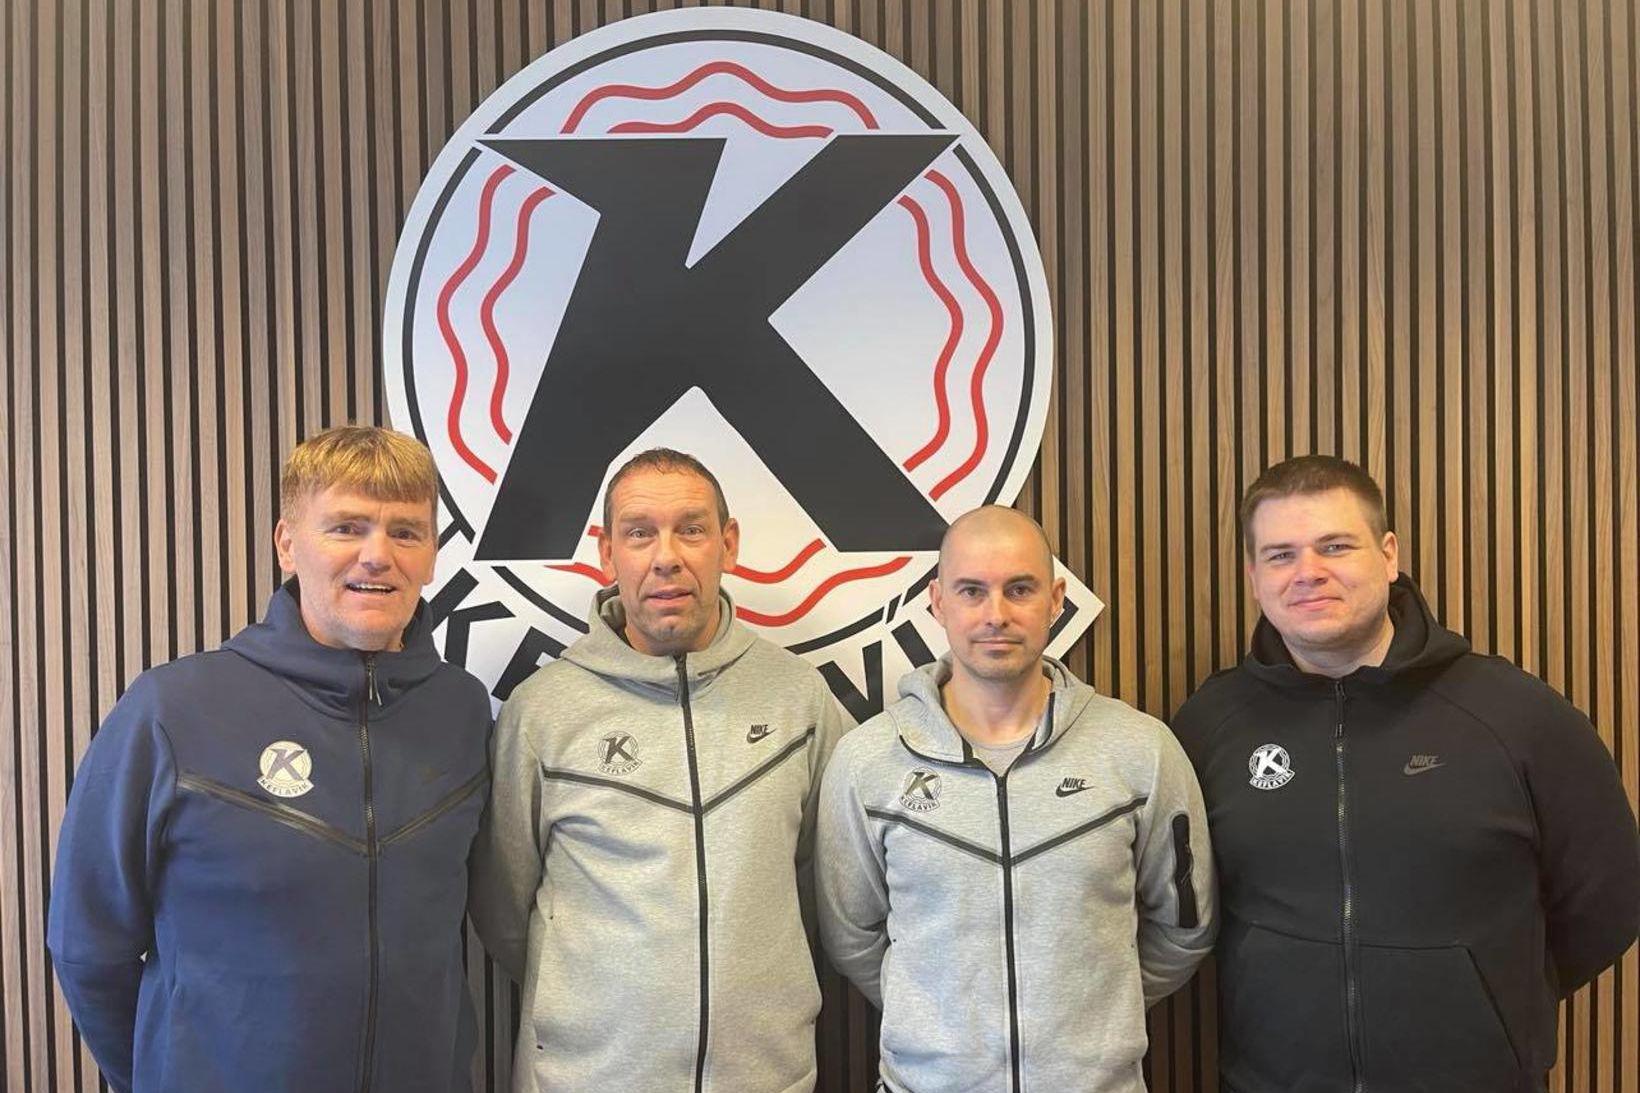 Freyr Sverrisson, Gunnar Magnús Jónsson, Hjörtur Fjeldsted og Óskar Rúnarsson. …